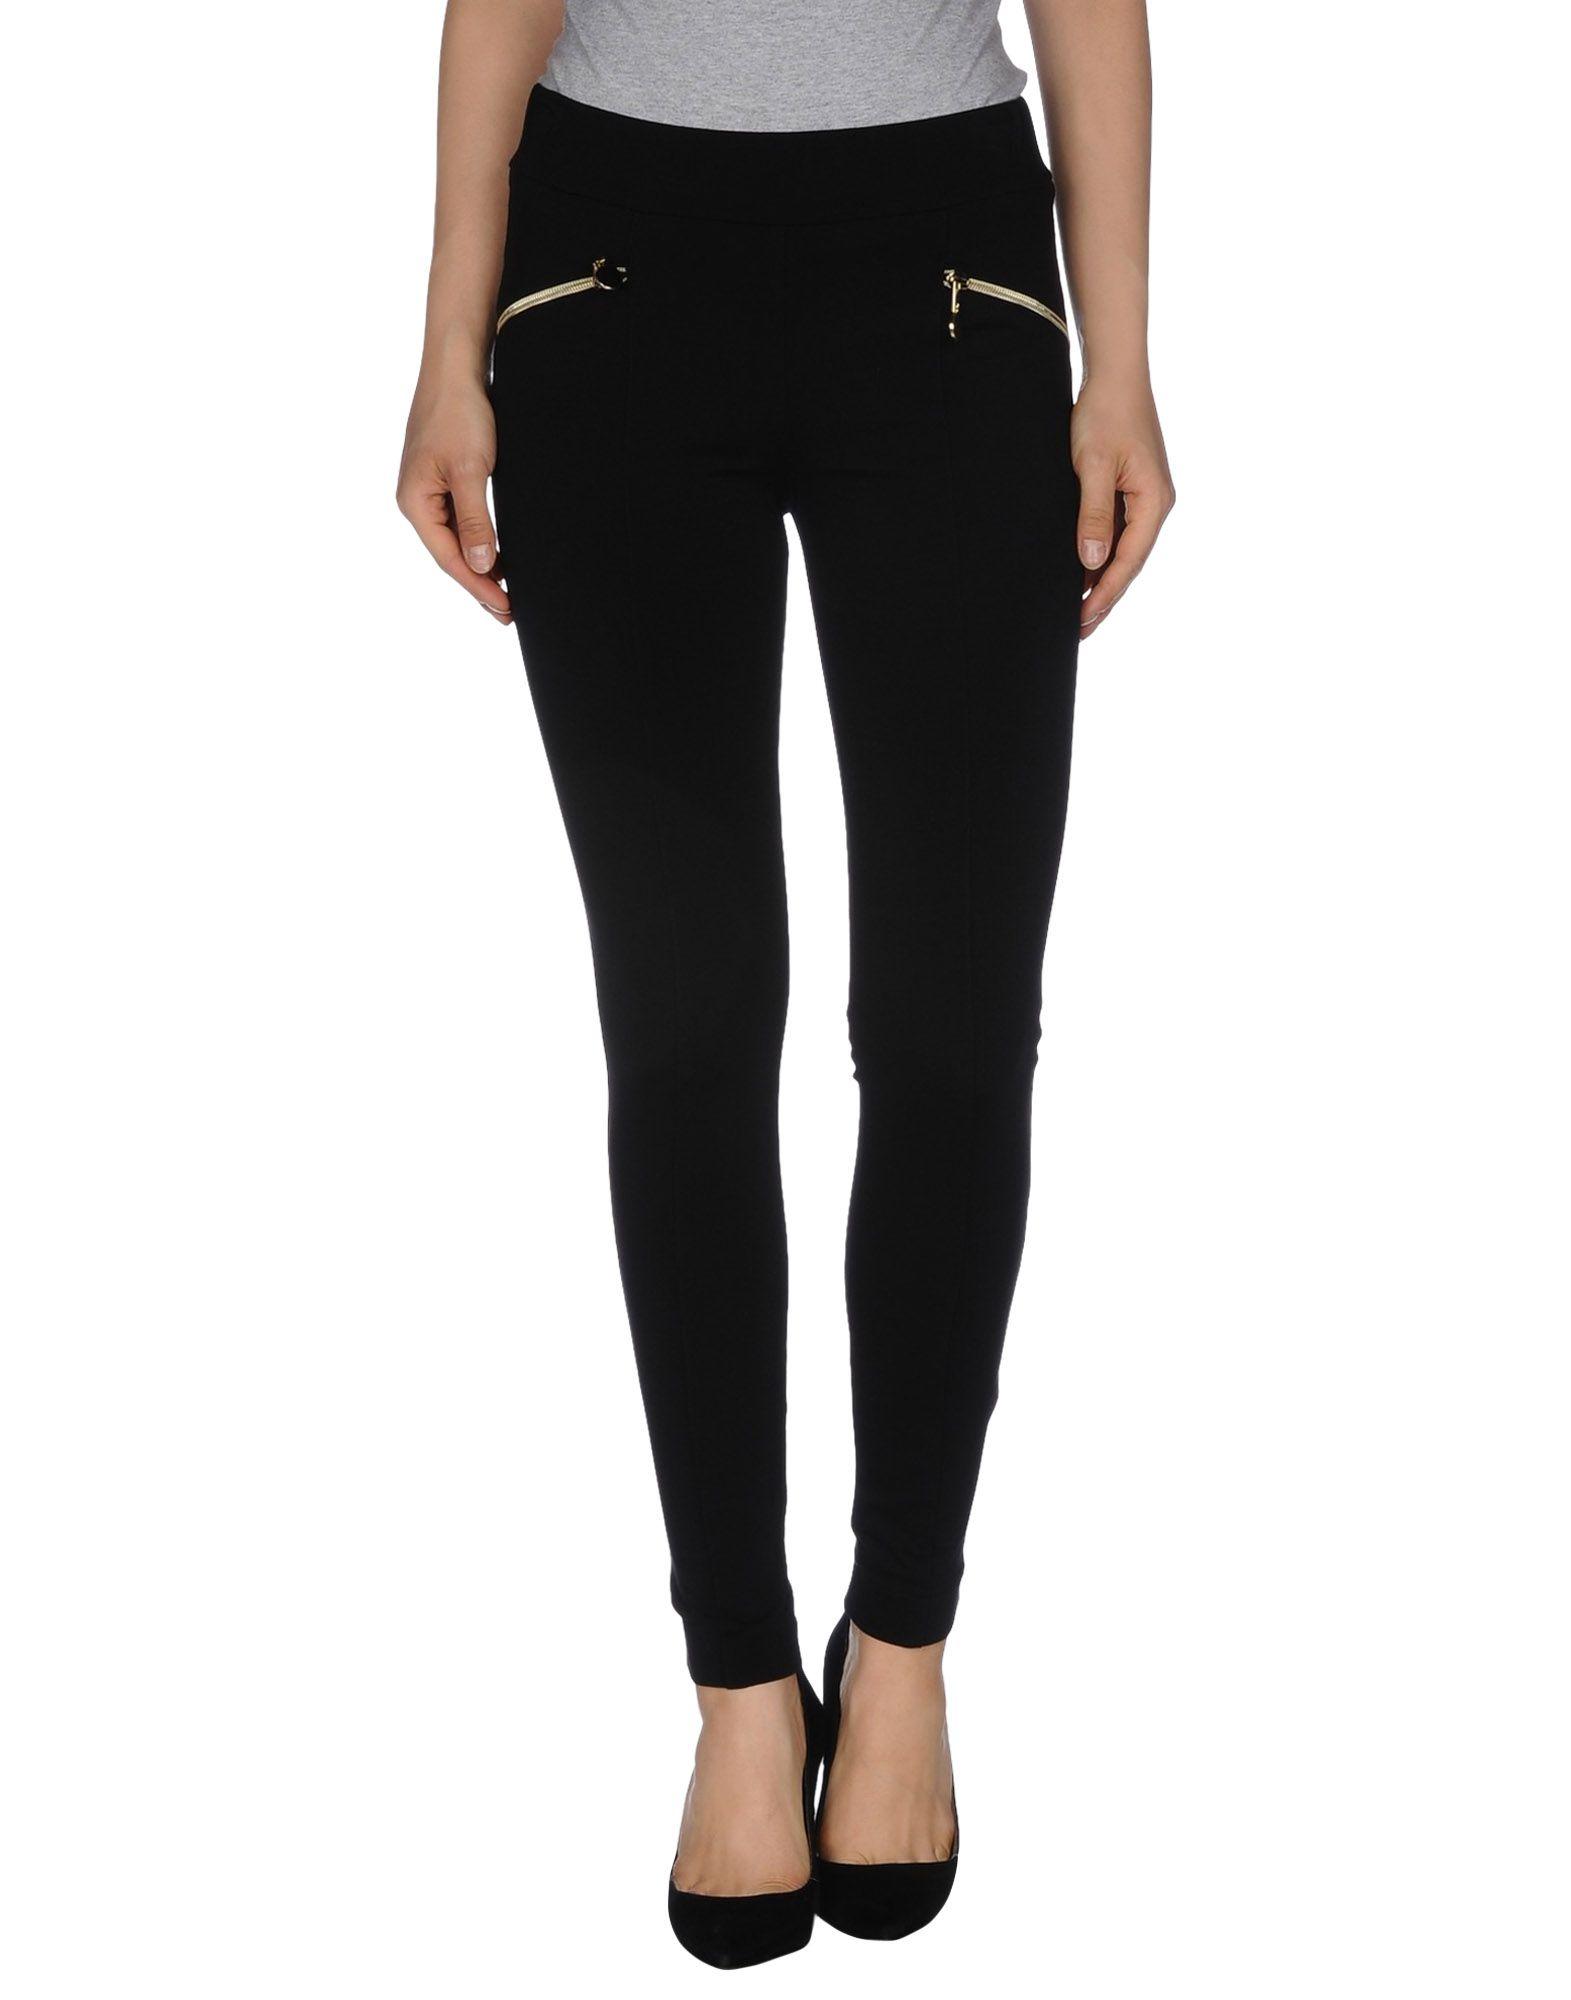 Wonderful Vintage Versace Couture Gianni Versace Pants Women Black Pants